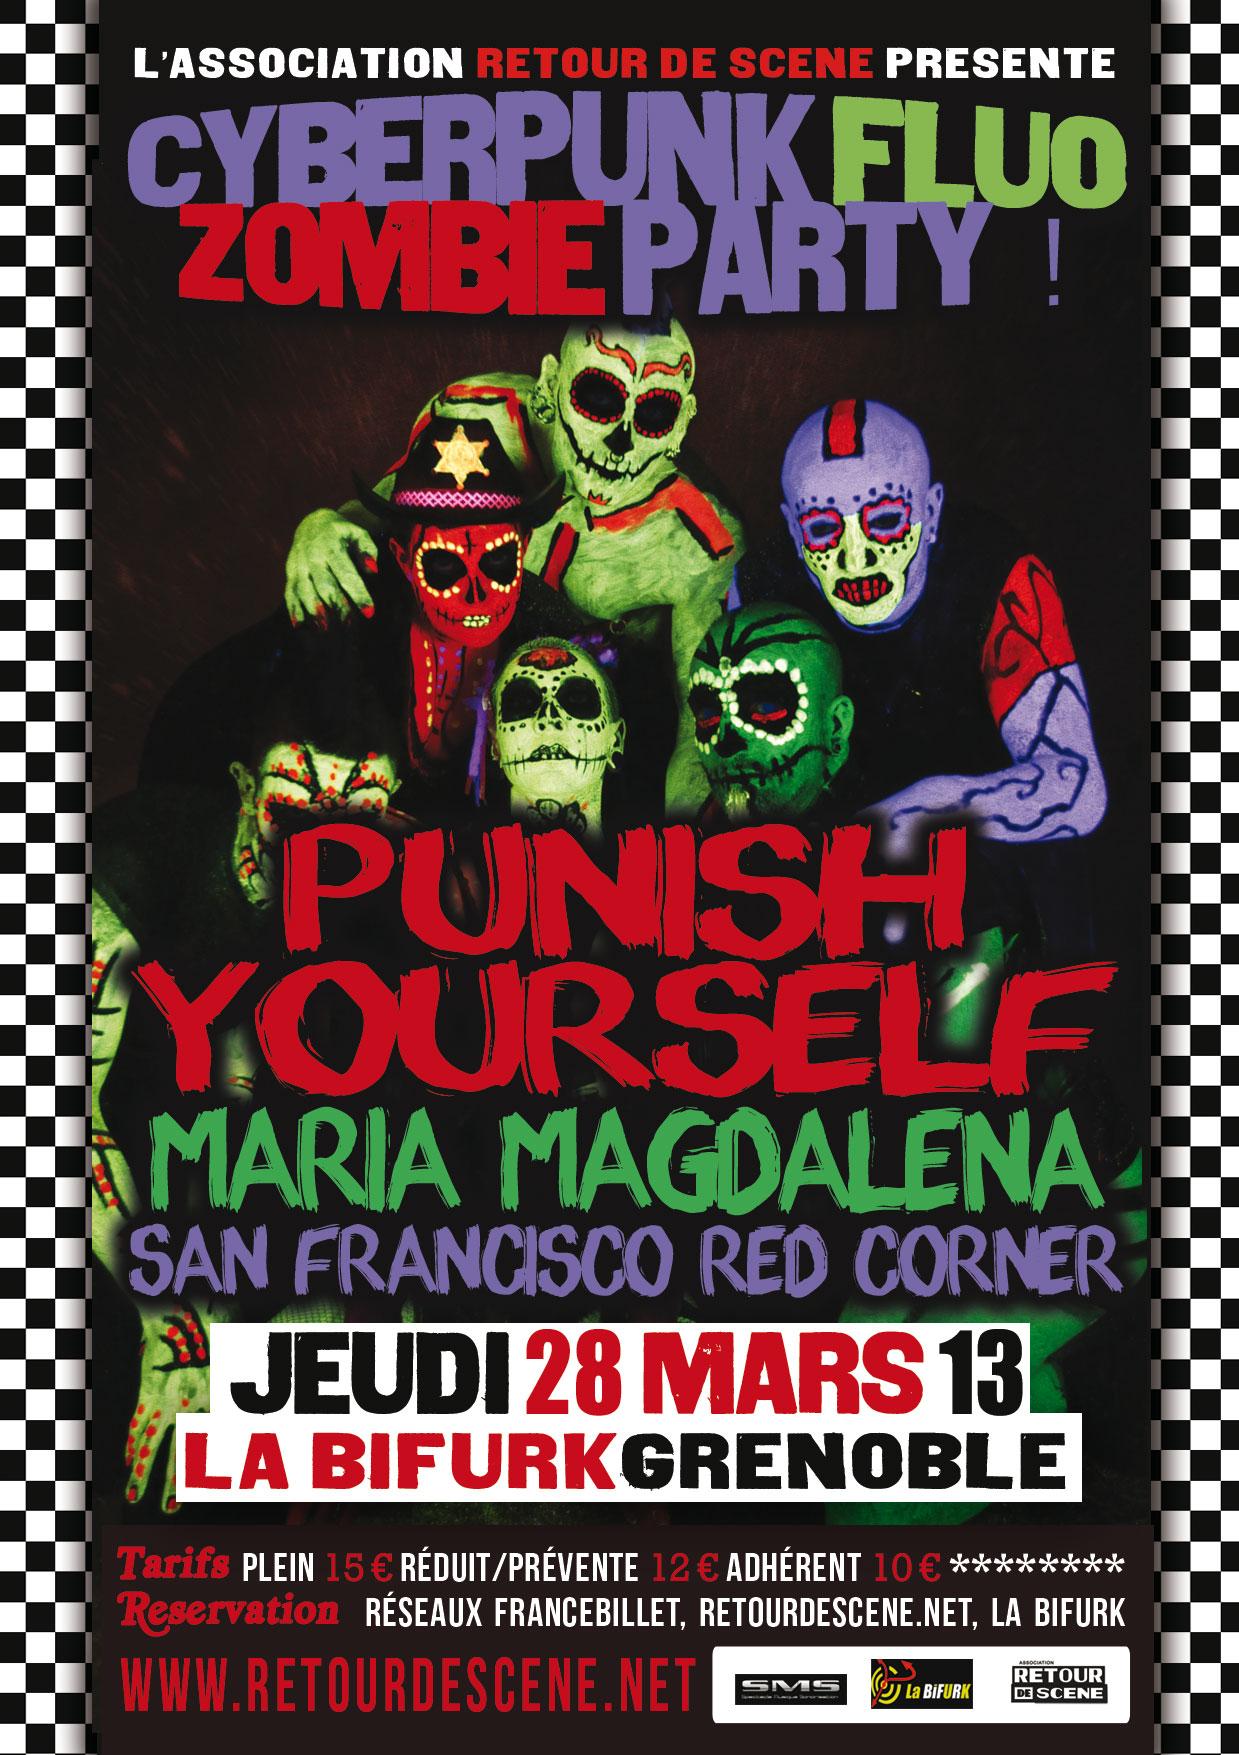 Cyberpunk Fluo Zombie Party - La Bifurk - 28/03/2013